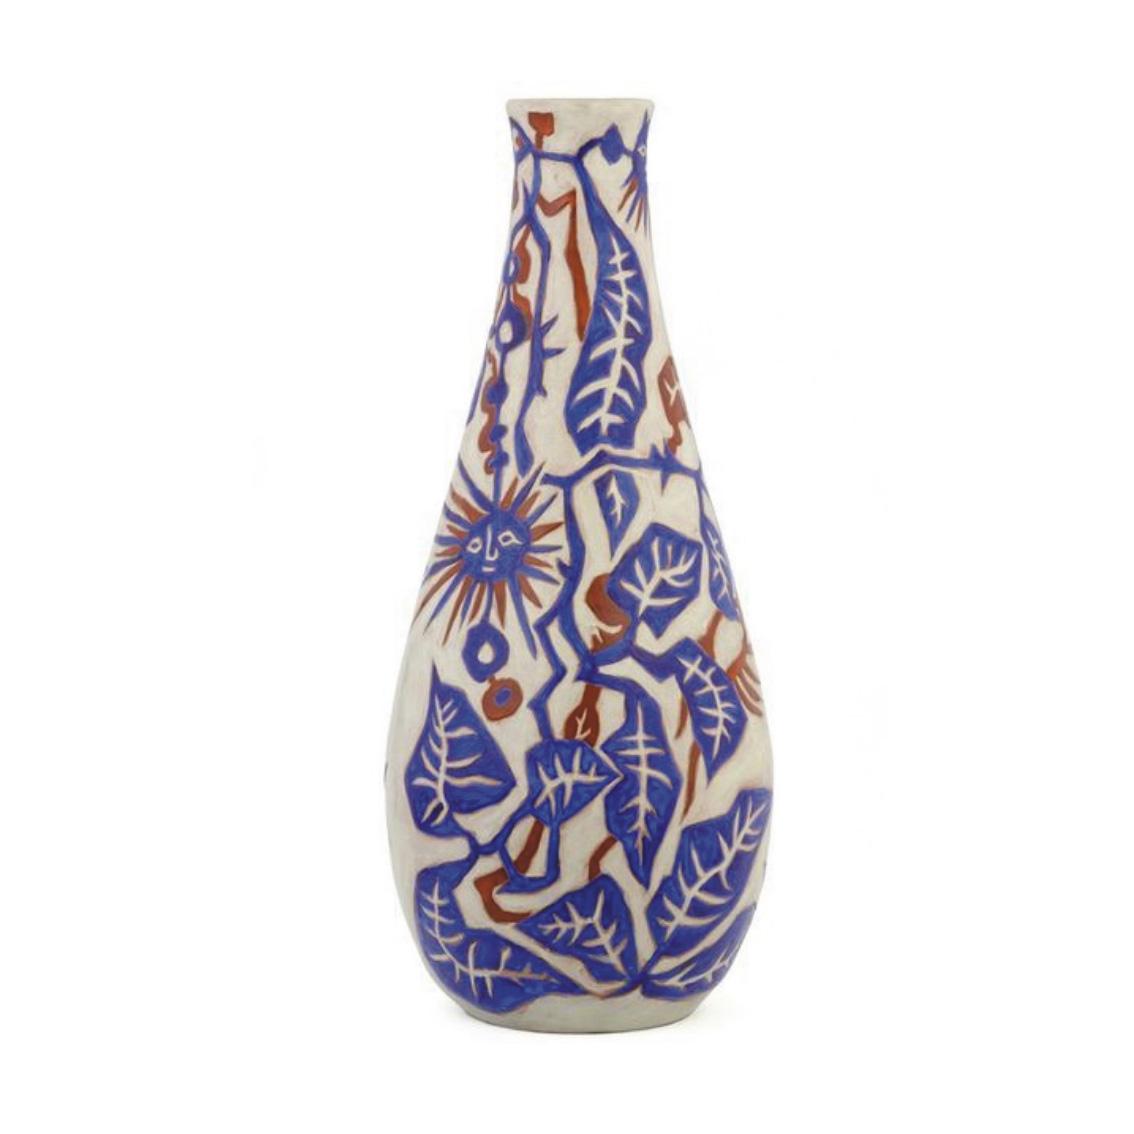 11700€ Jean Lurçat et Sant Vicens, vase piriforme en céramique à décor de feuillages et soleil, h.79cm.Juan-les-Pins, Hôtel Belles Riv